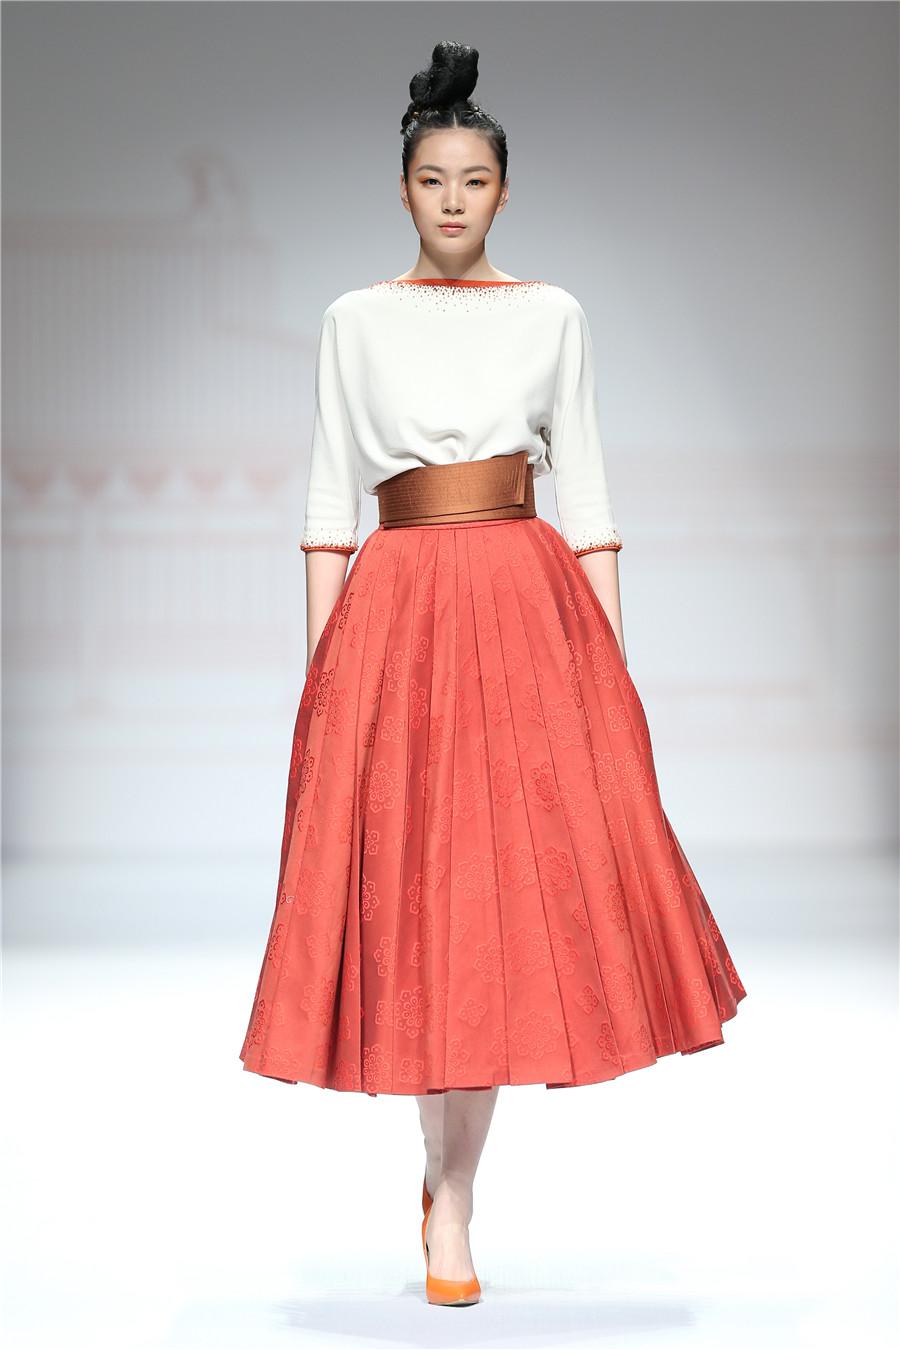 2016春夏中国国际时装周楚和听香·楚艳时装发布会